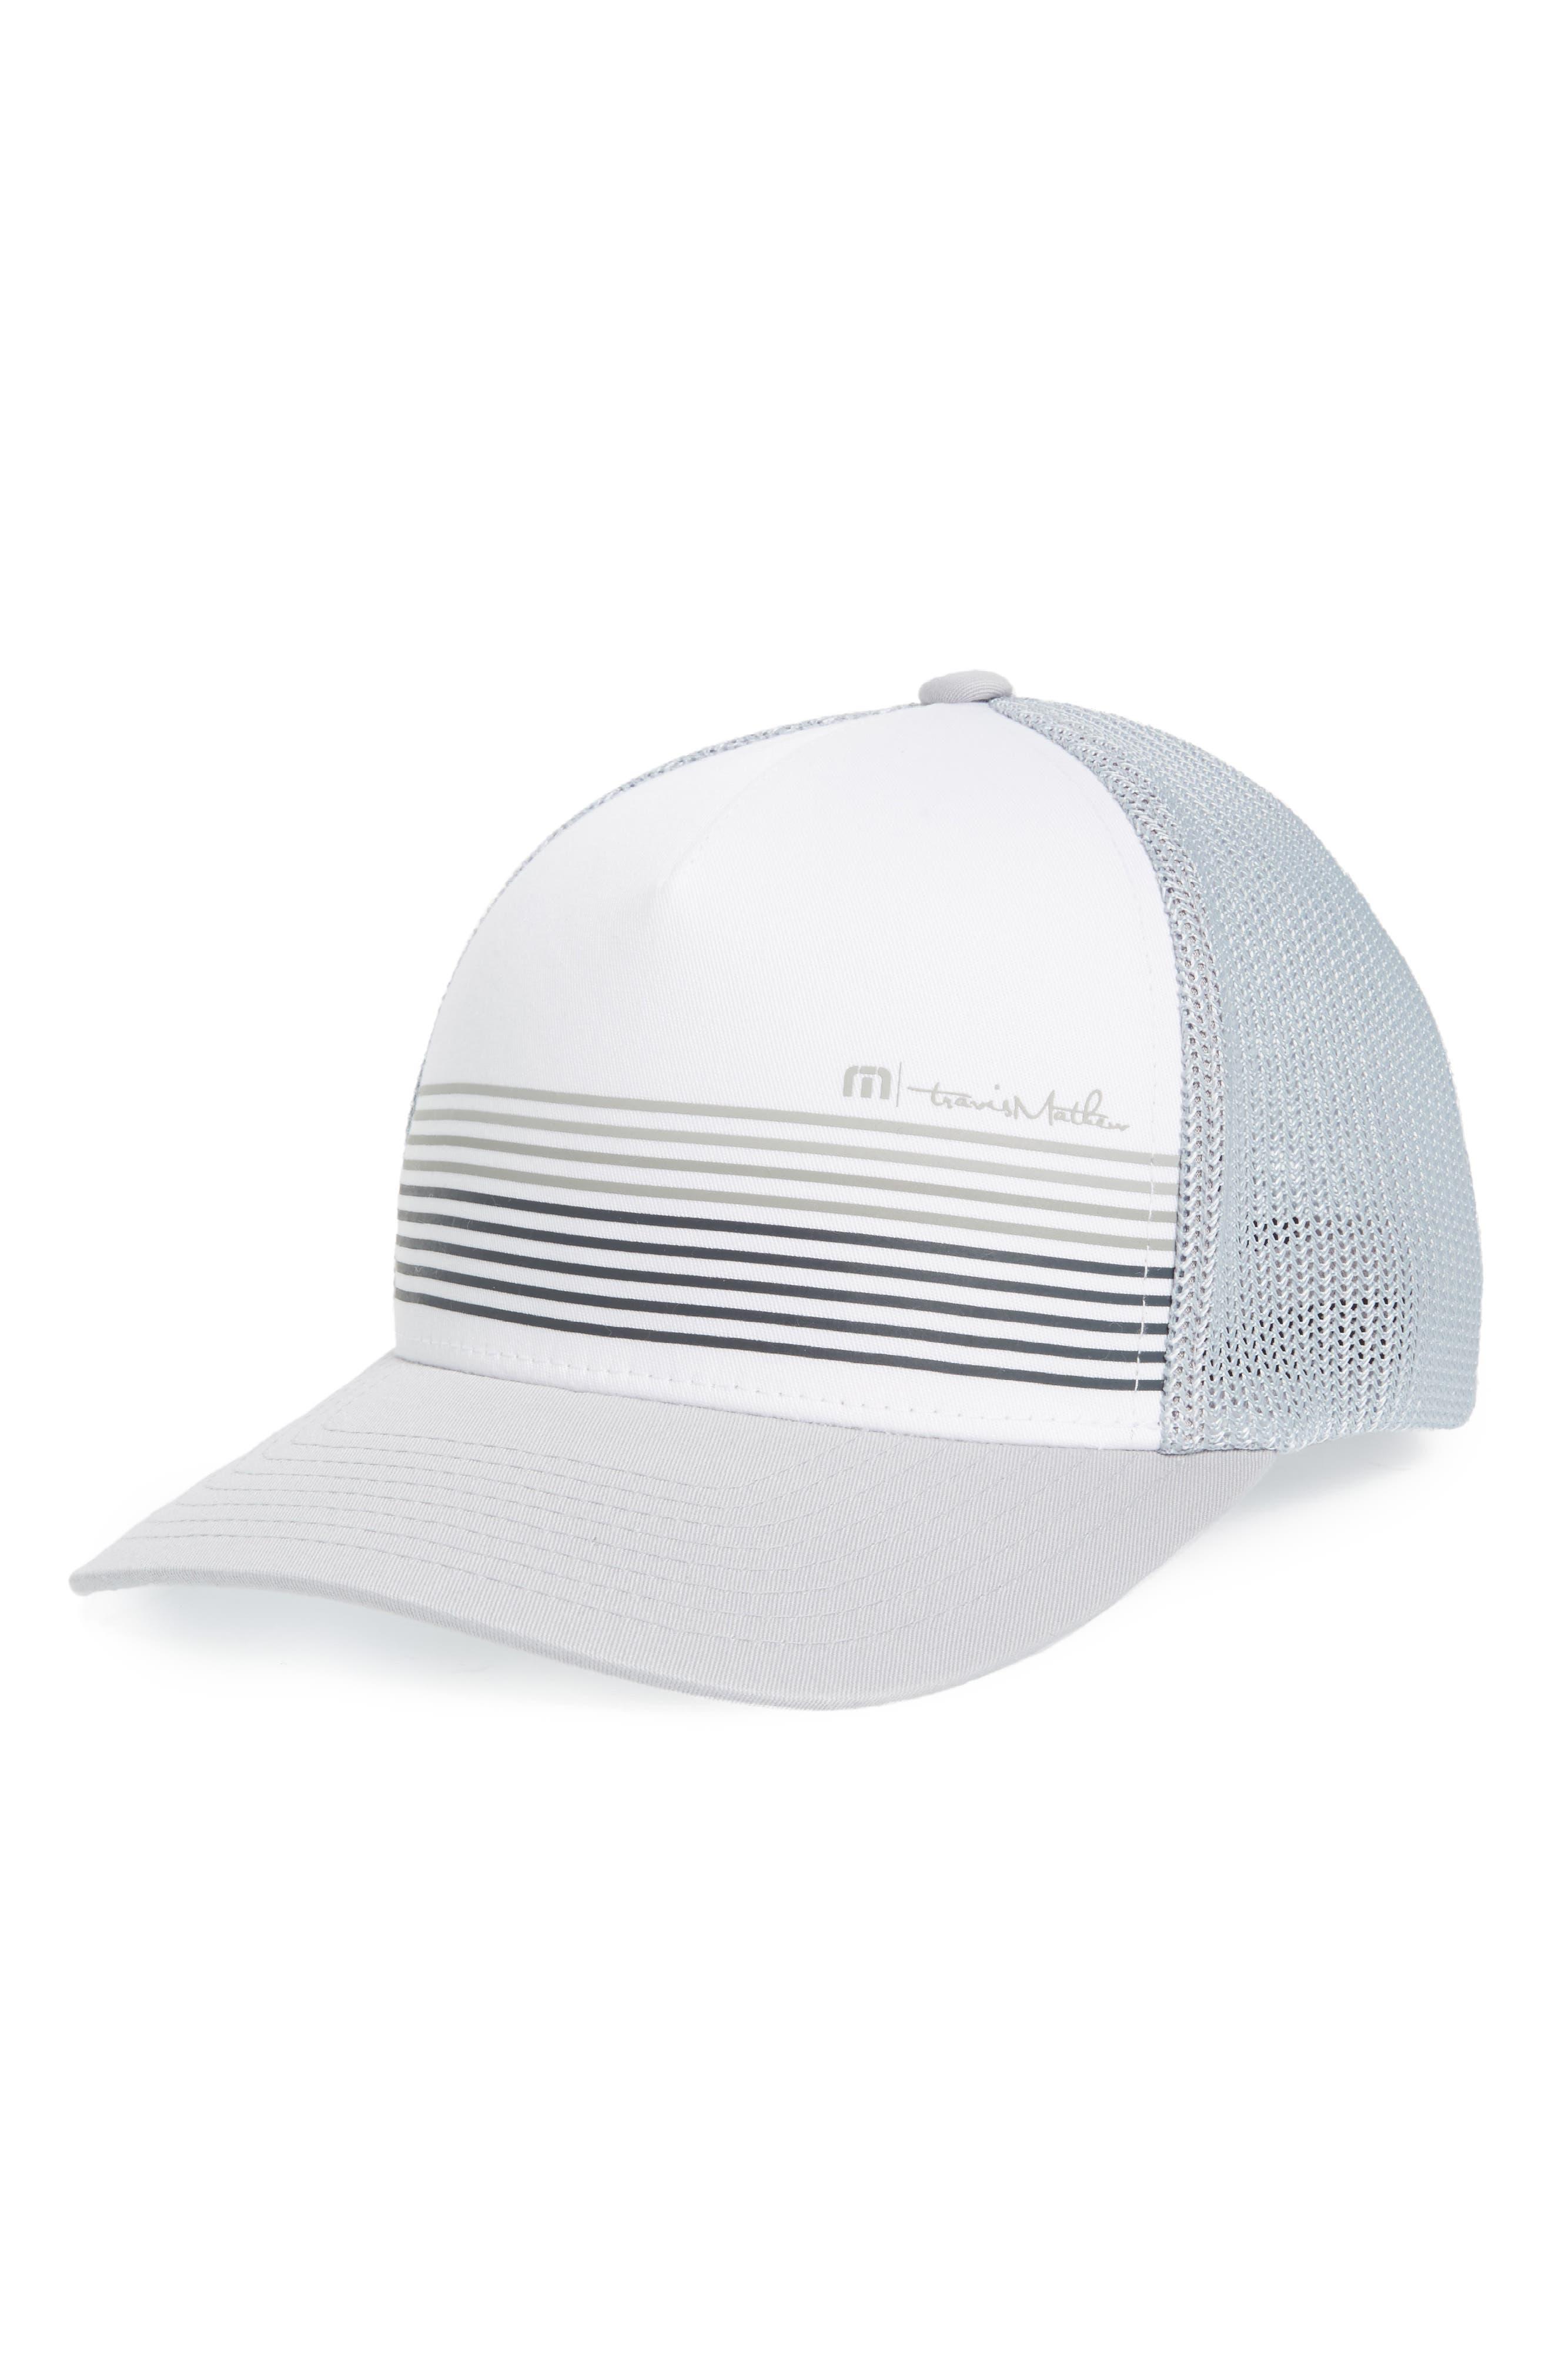 Travis Mathew Braids Trucker Hat